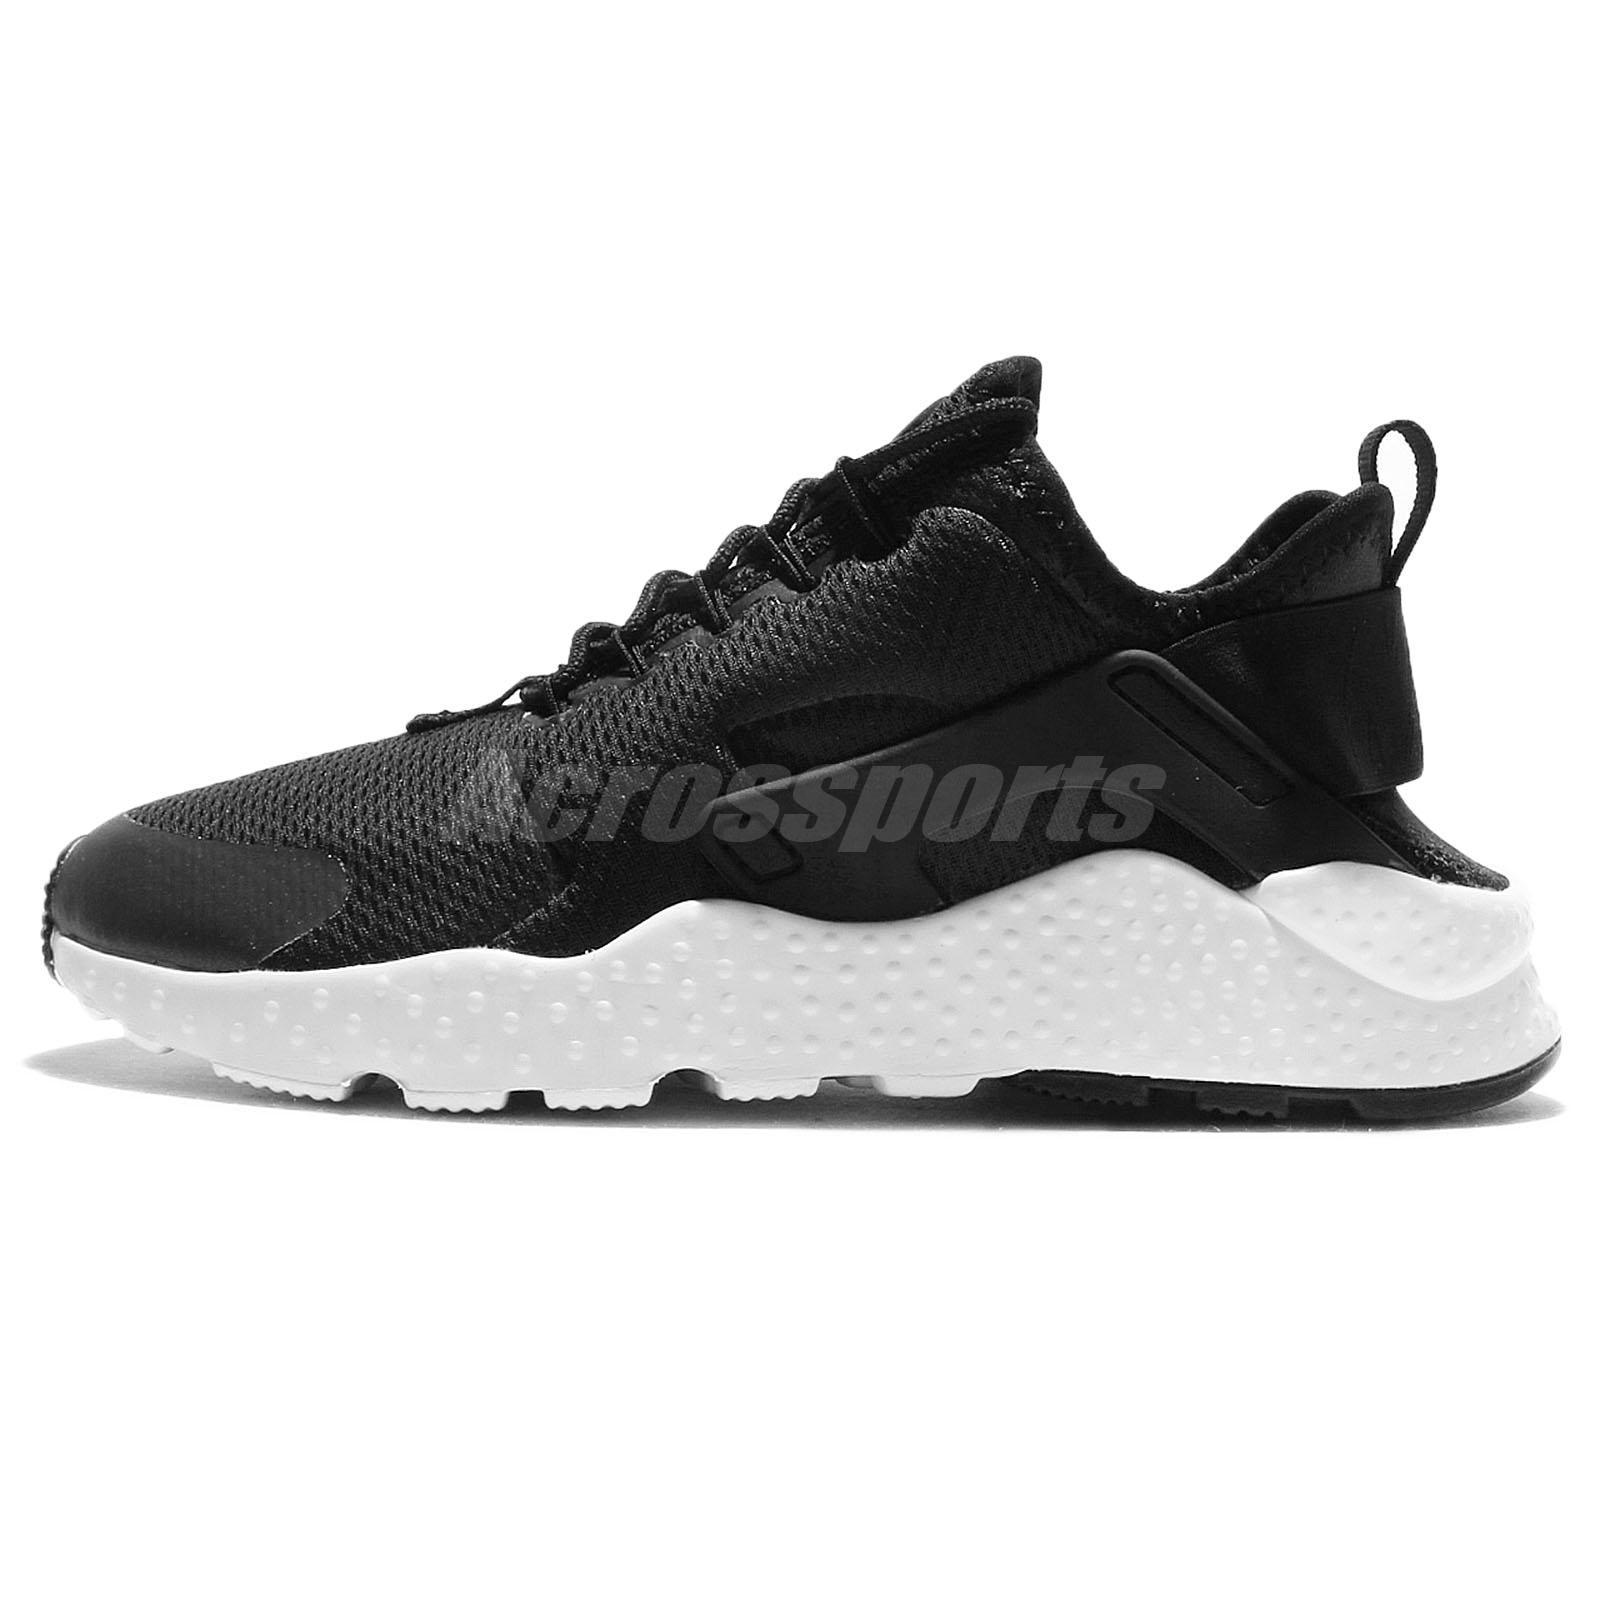 ... clearance wmns nike air huarache run ultra black white women running  shoes 819151 008 e8559 ffb00 00d42cc4790